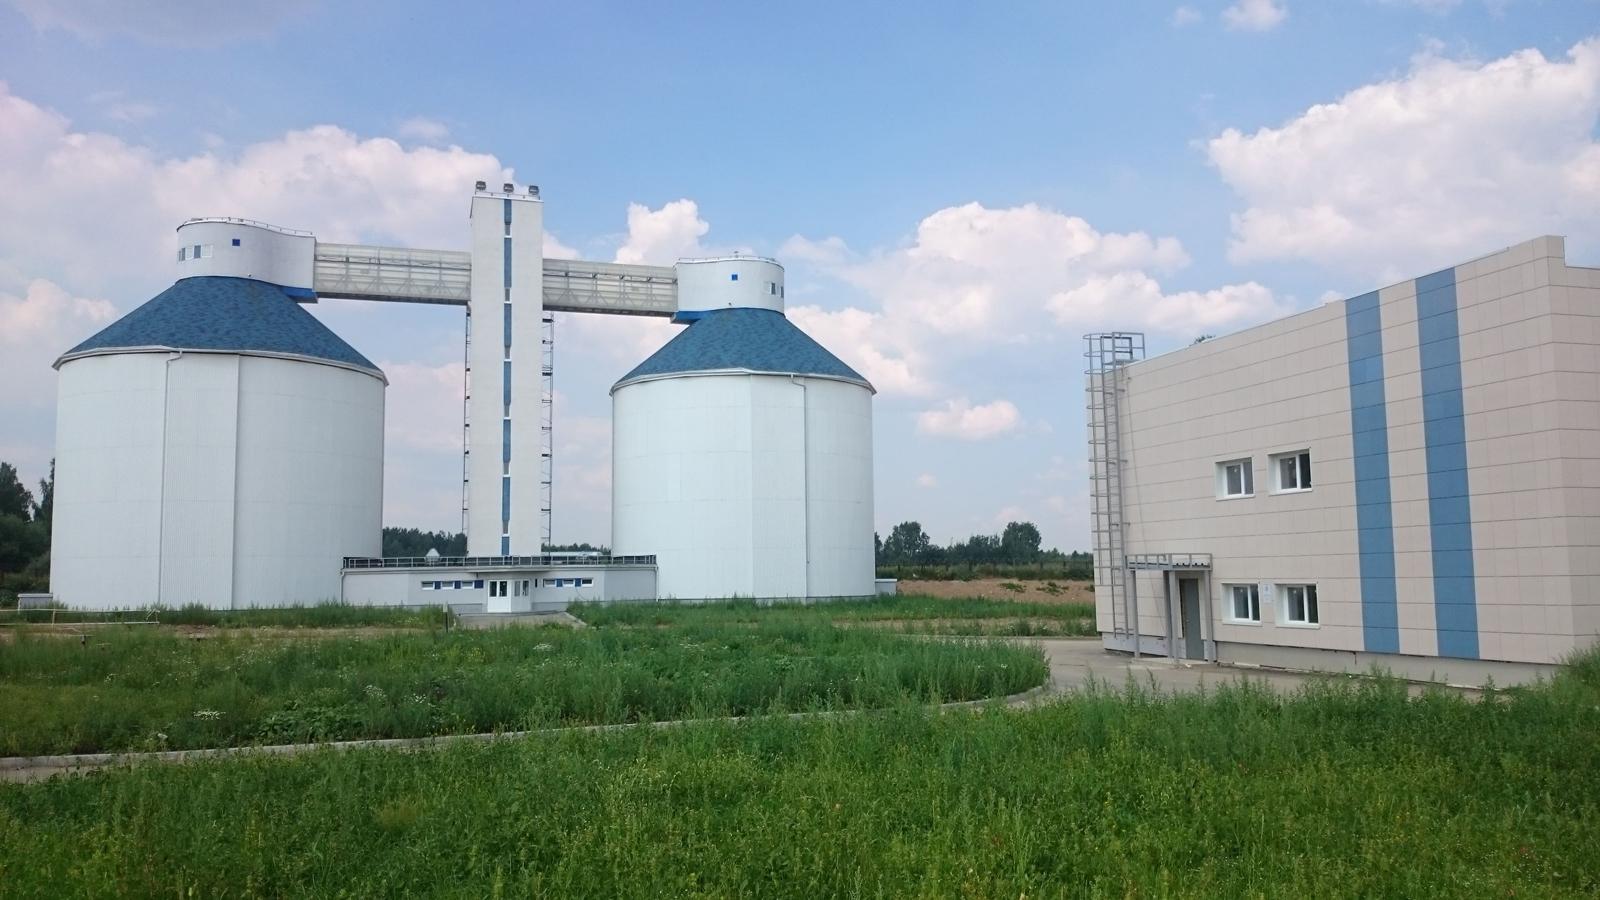 Модернизация Северной аэрационной станции. Система утилизации биогаза